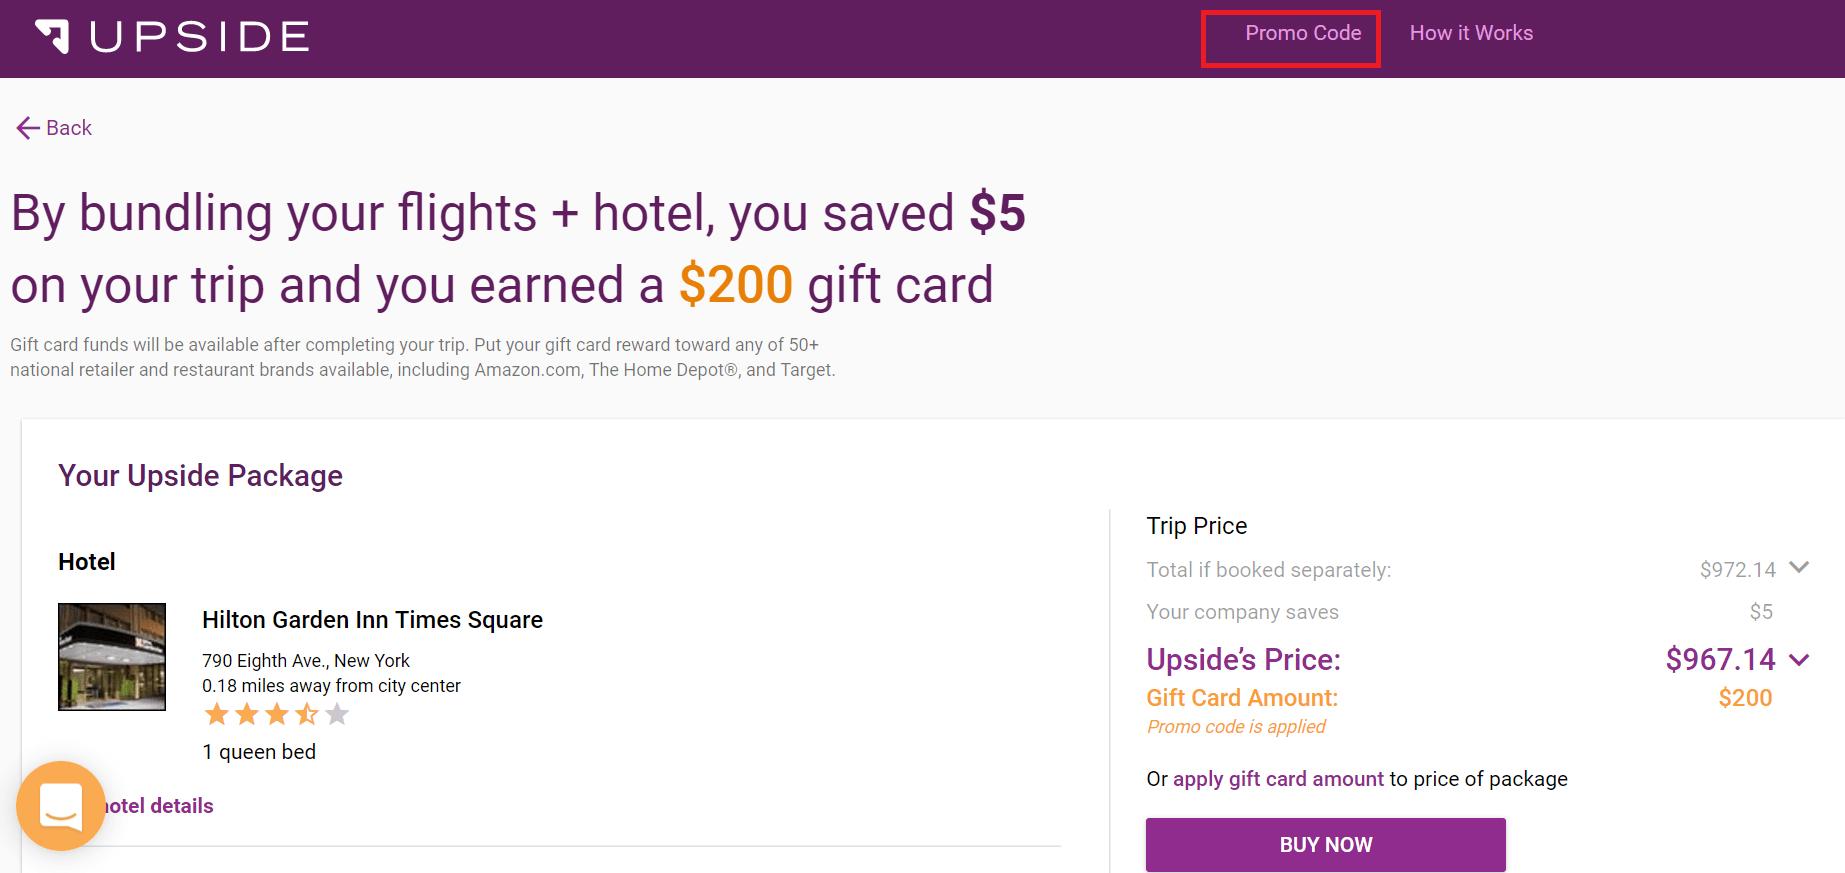 Upside.com 旅行预定网站介绍【首次预定送5】